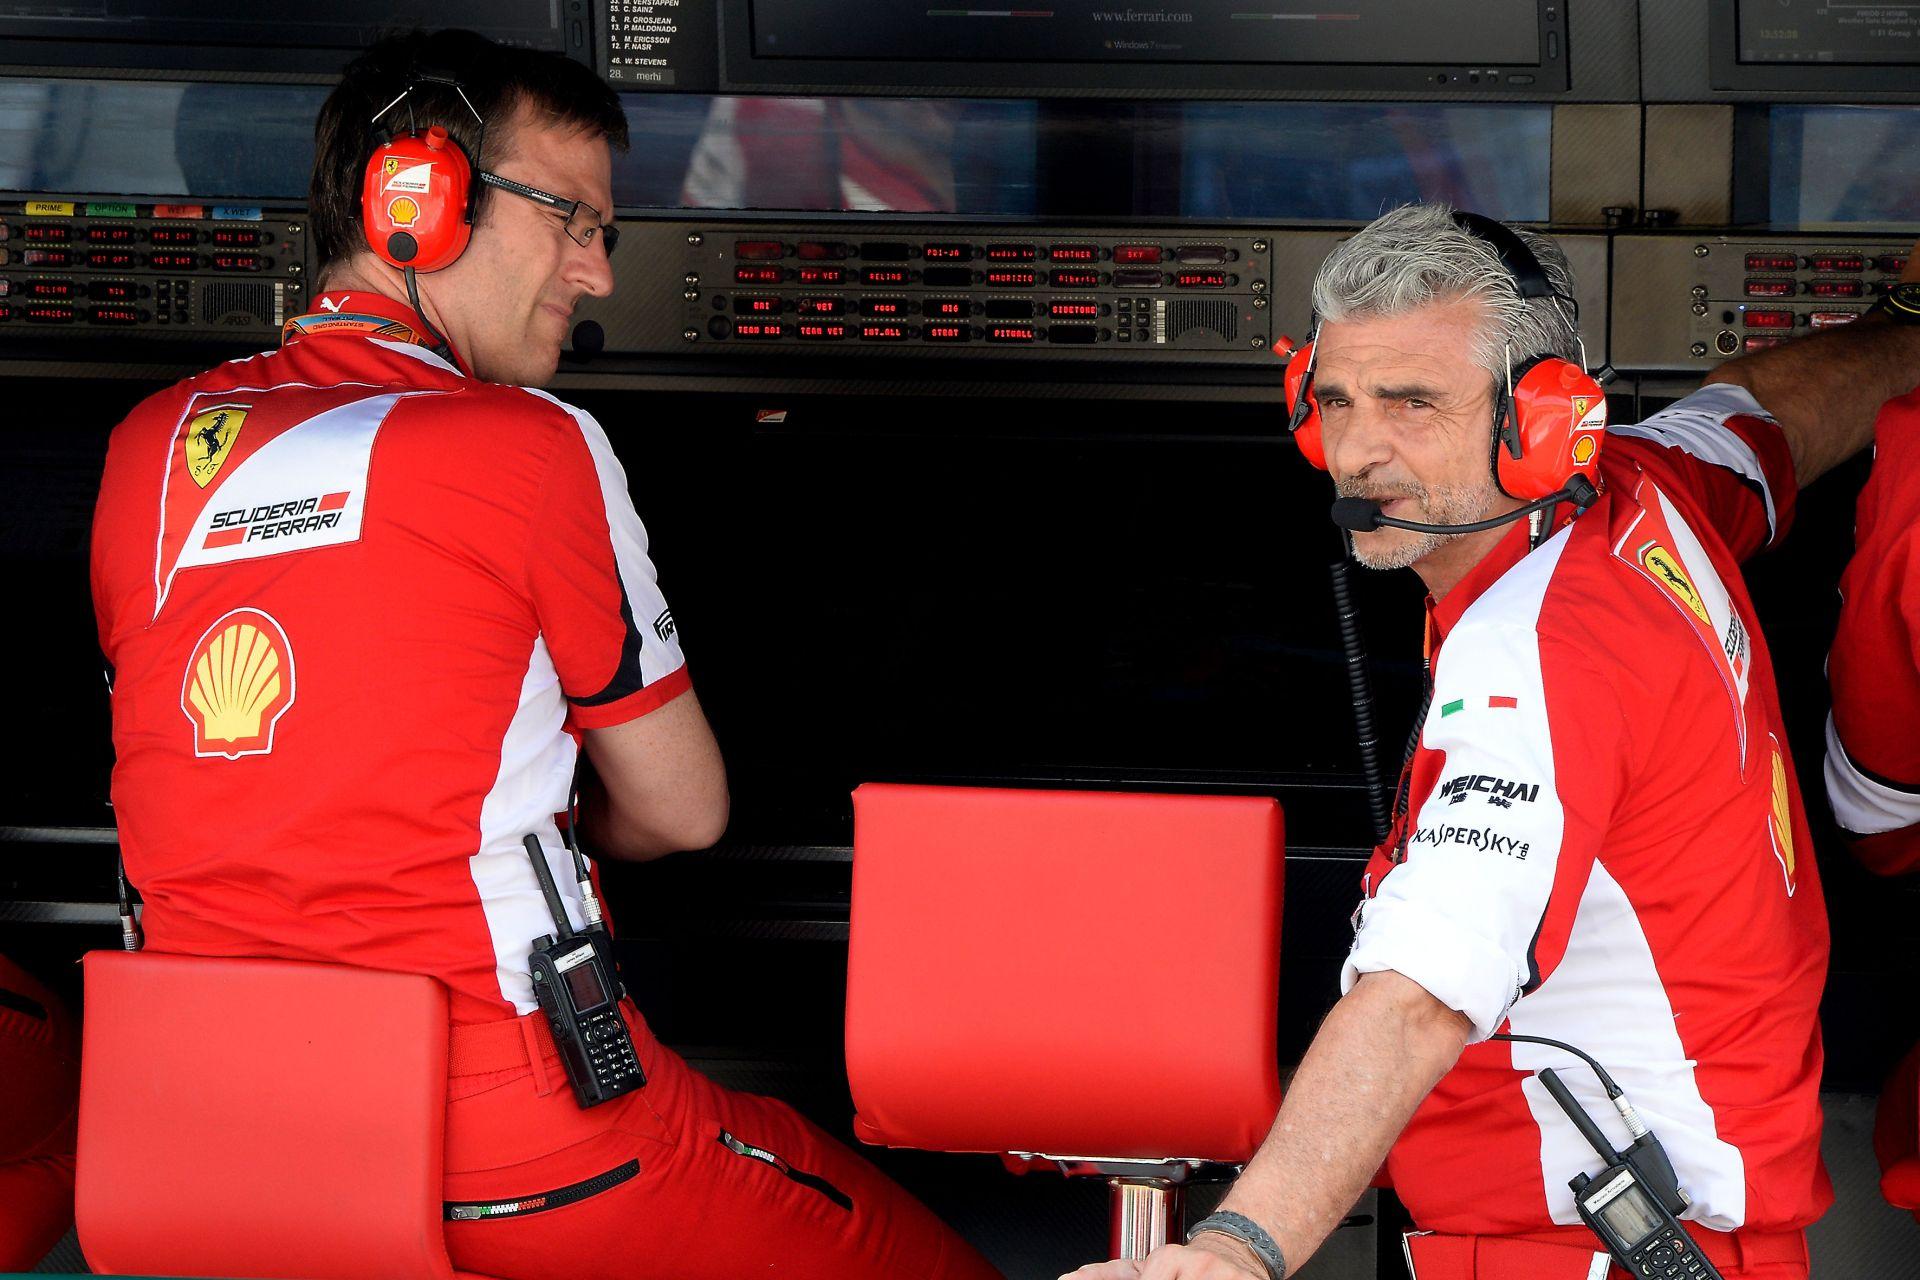 Ferrari: Nonszensz, hogy elvesztettünk egy dobogós helyezést Belgiumban, ráadásul az utolsó kör előtt